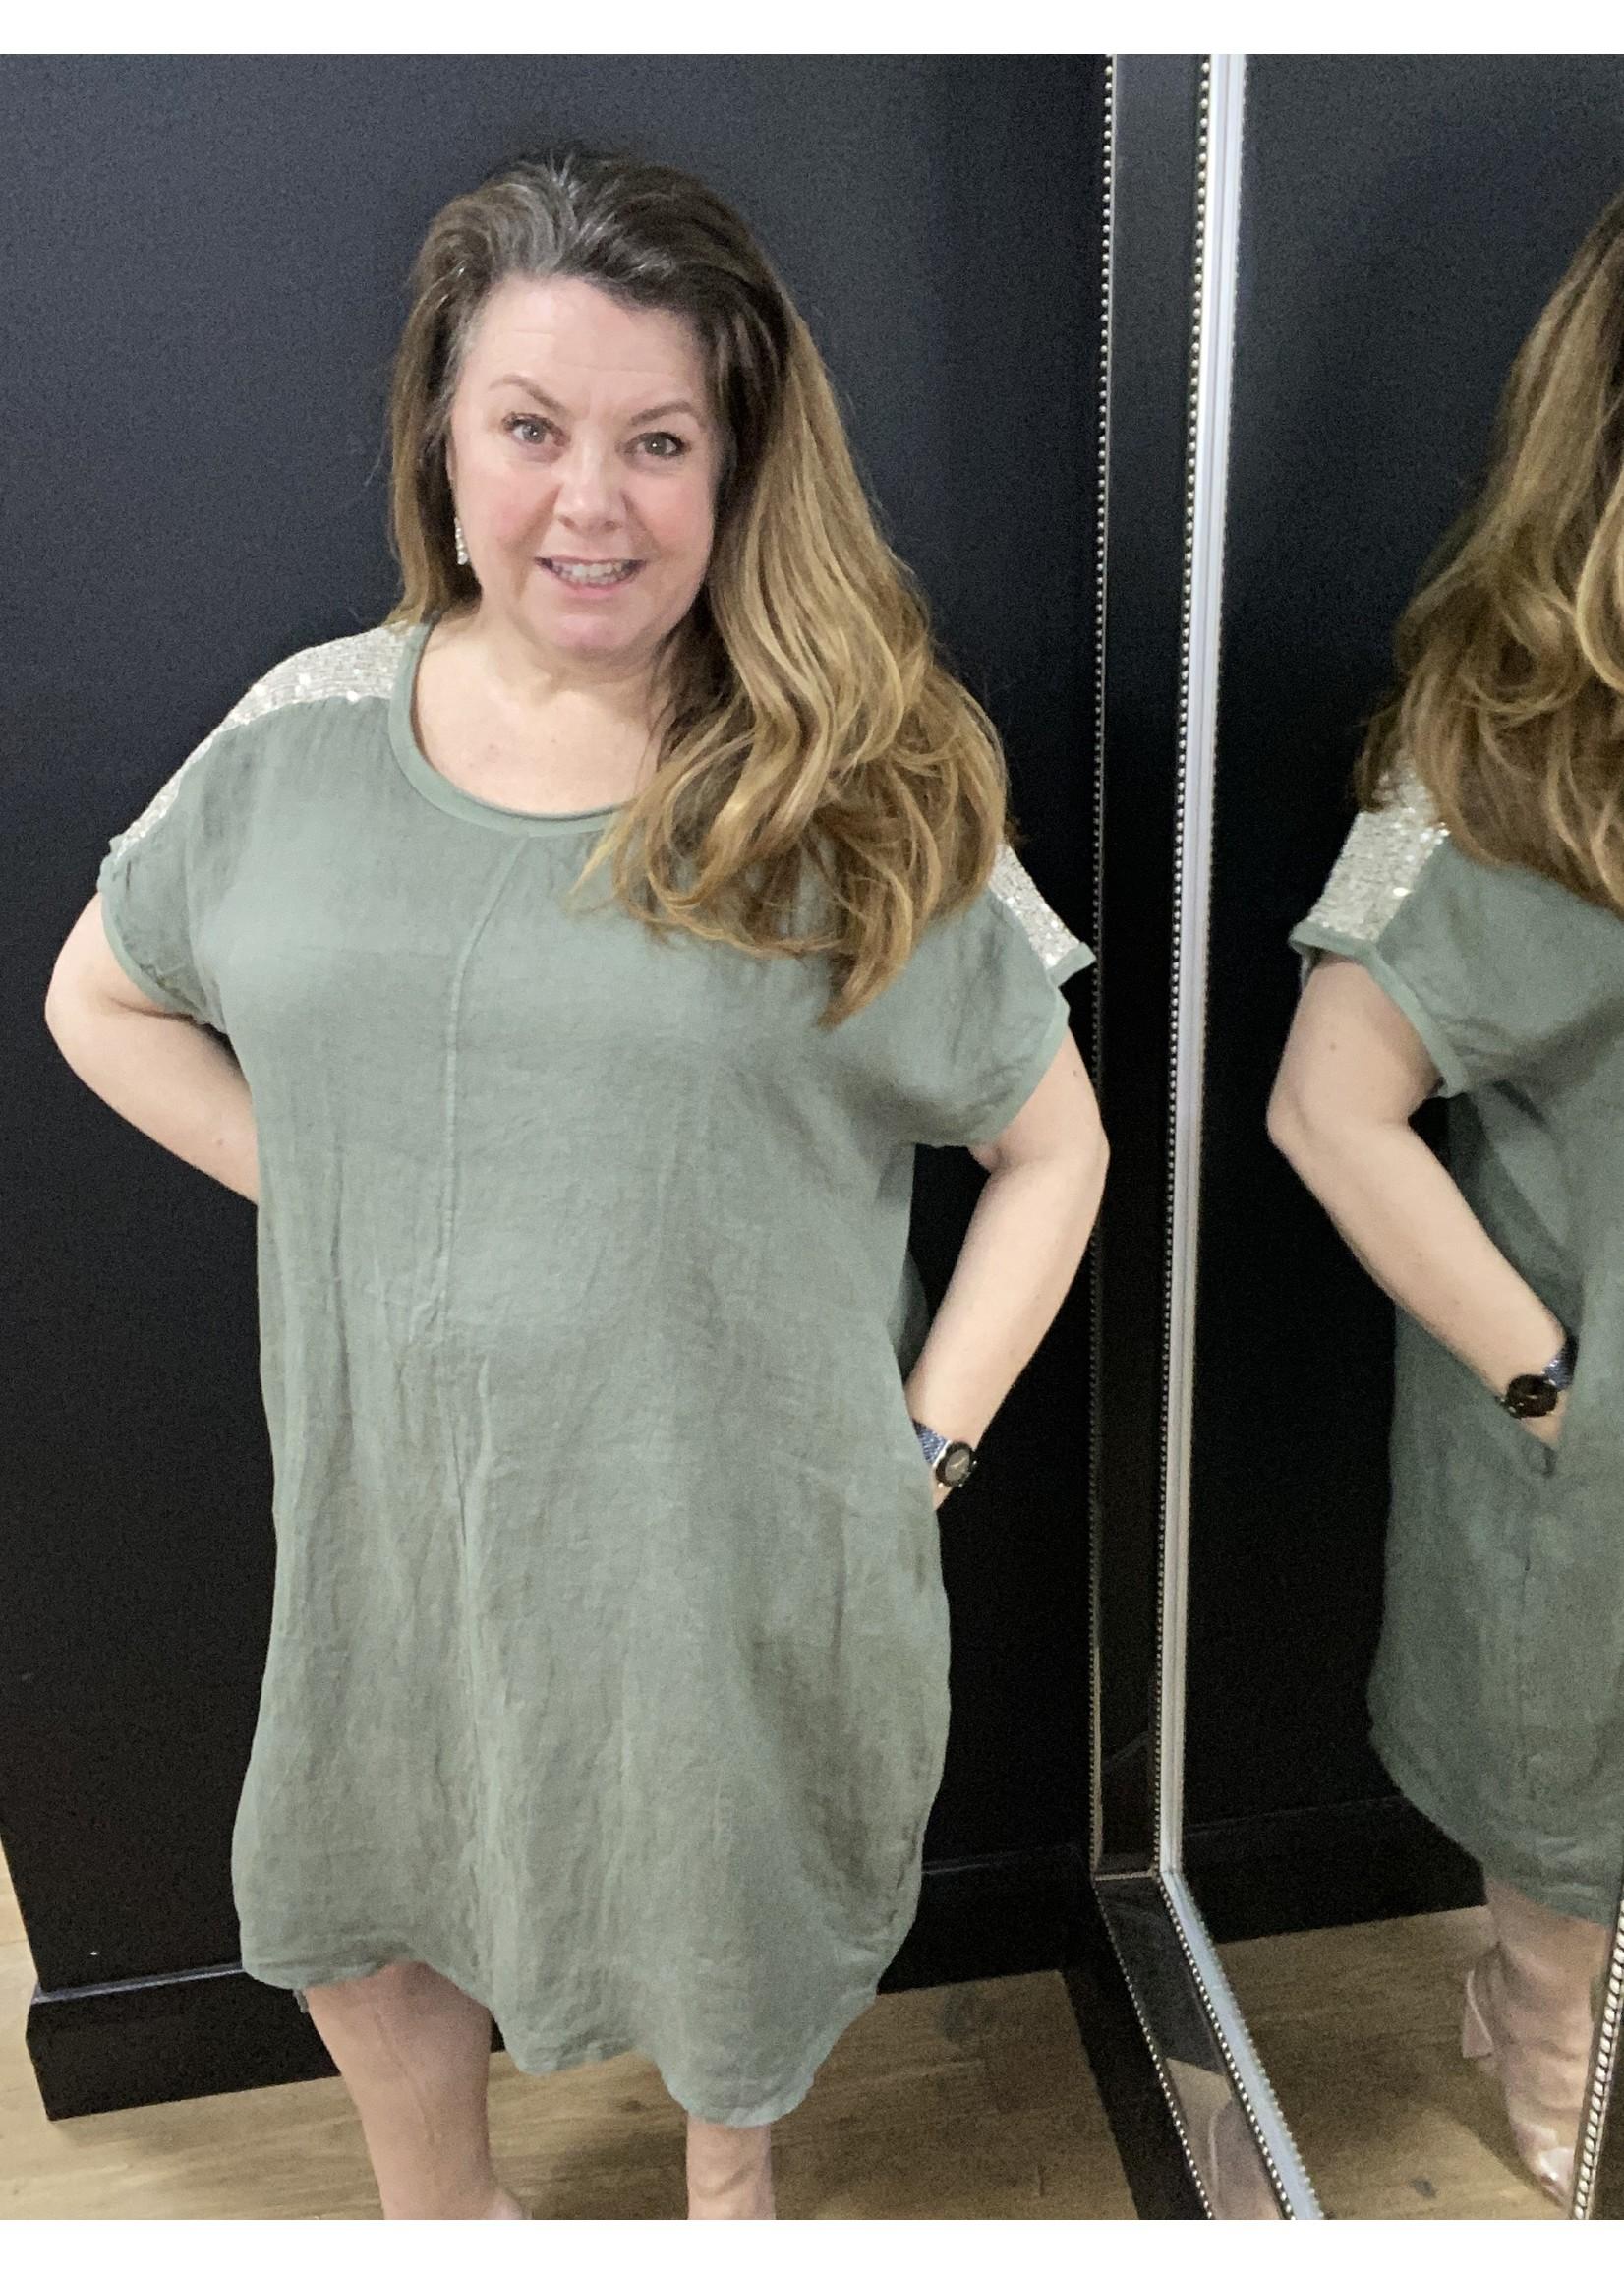 Stacey sequin linen dress